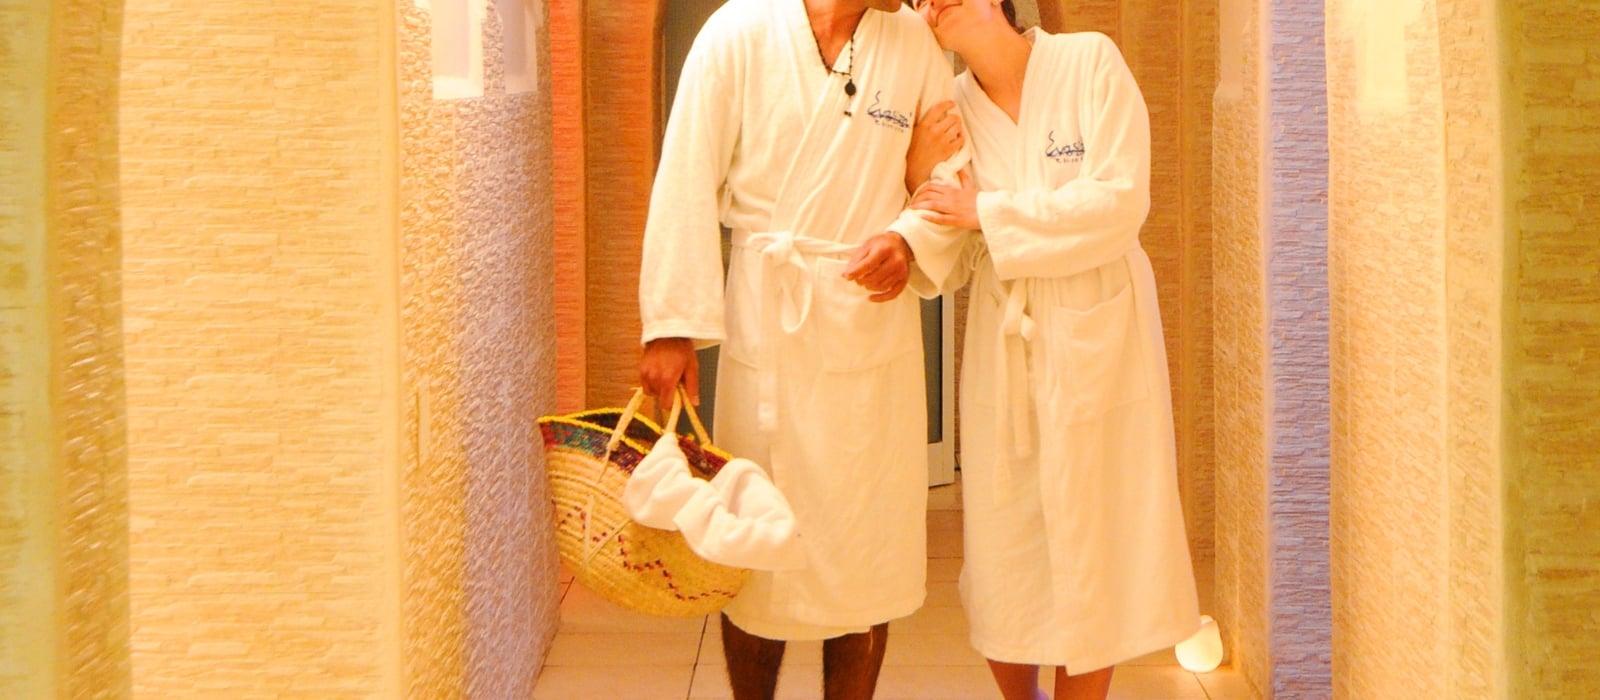 Servicios Hotel Djerba Resort - Vincci Hoteles - Spa